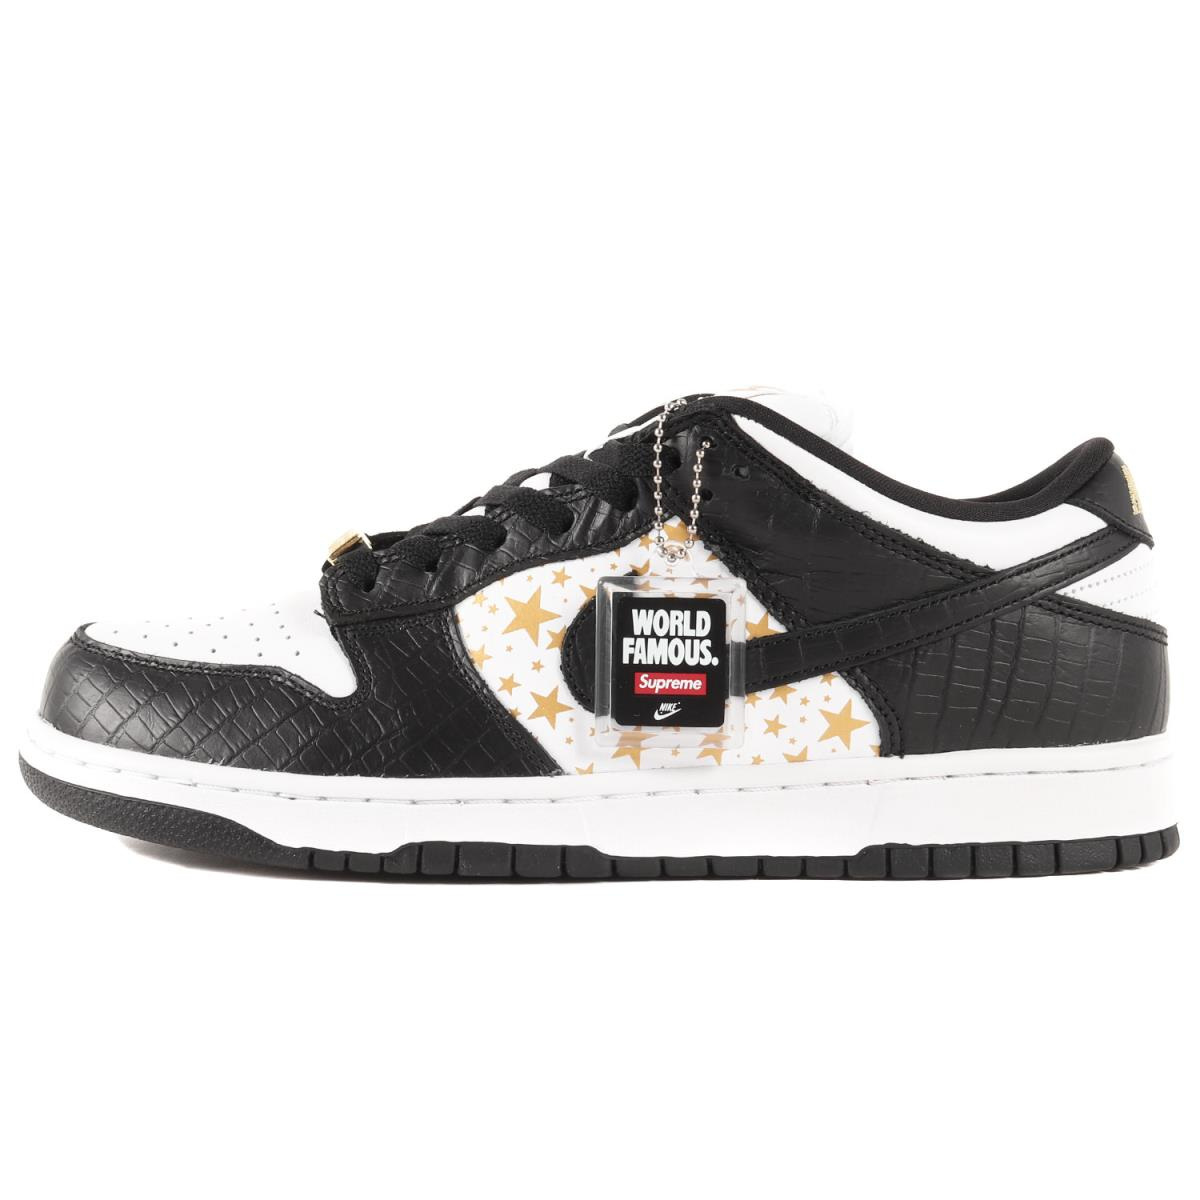 メンズ靴, スニーカー Supreme 21SS NIKE SB DUNK LOW OG QS DH3228-102 SB OG US9.5(27.5cm) K3133